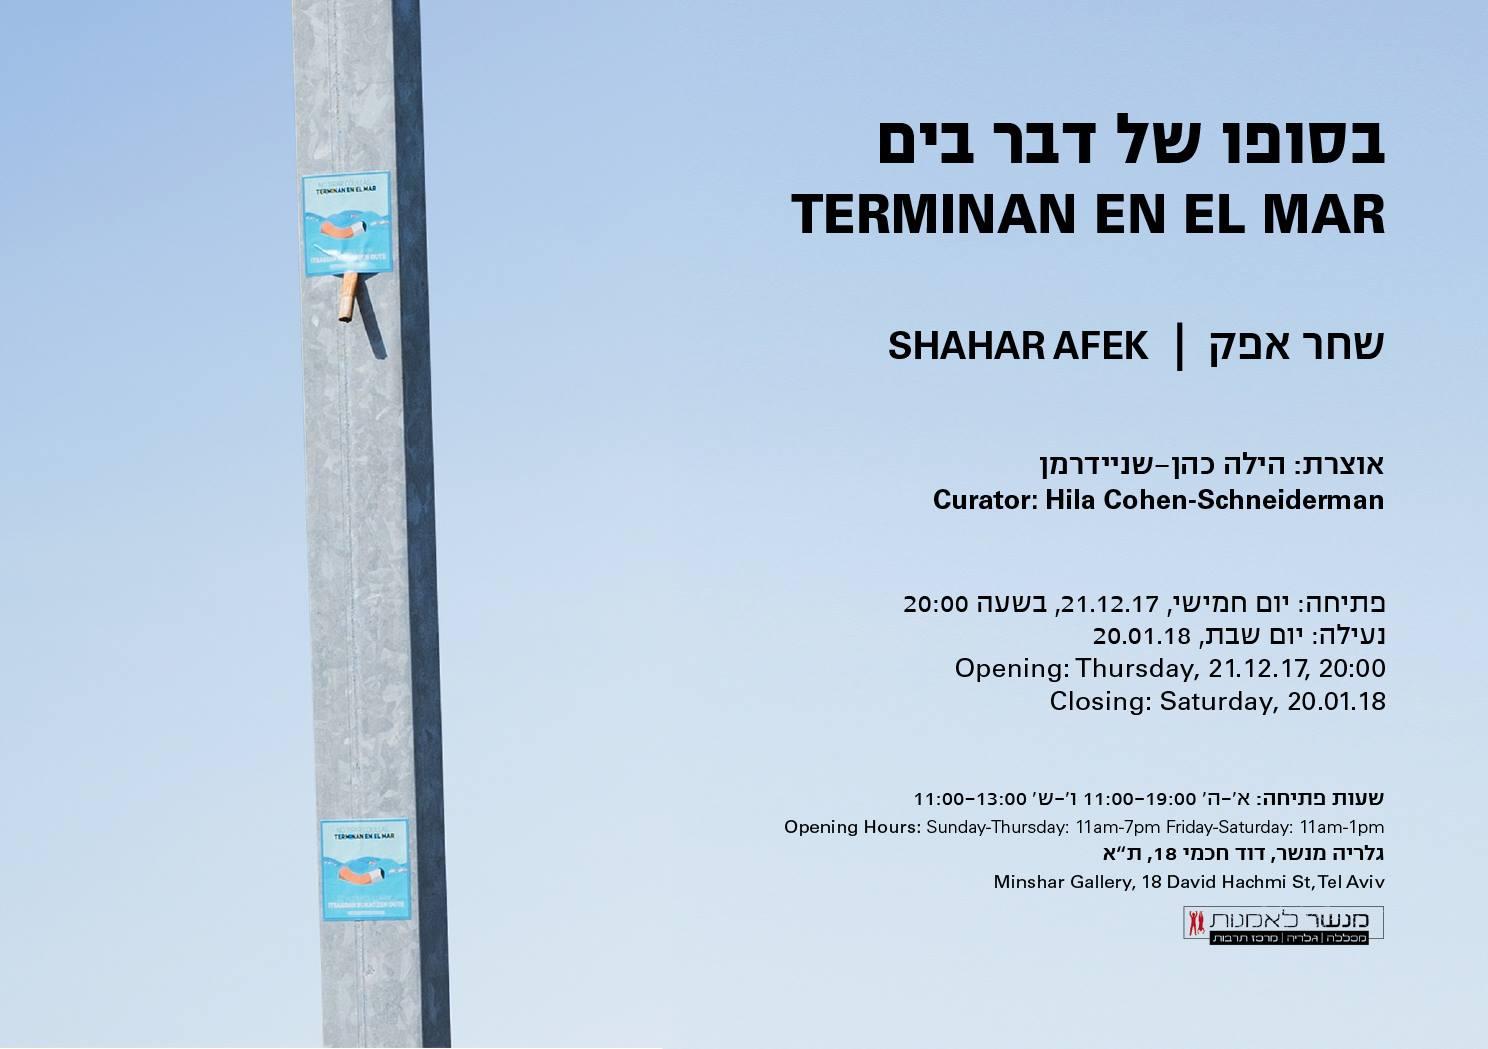 Shahar Afek  Minshar Gallery, opening December 21st